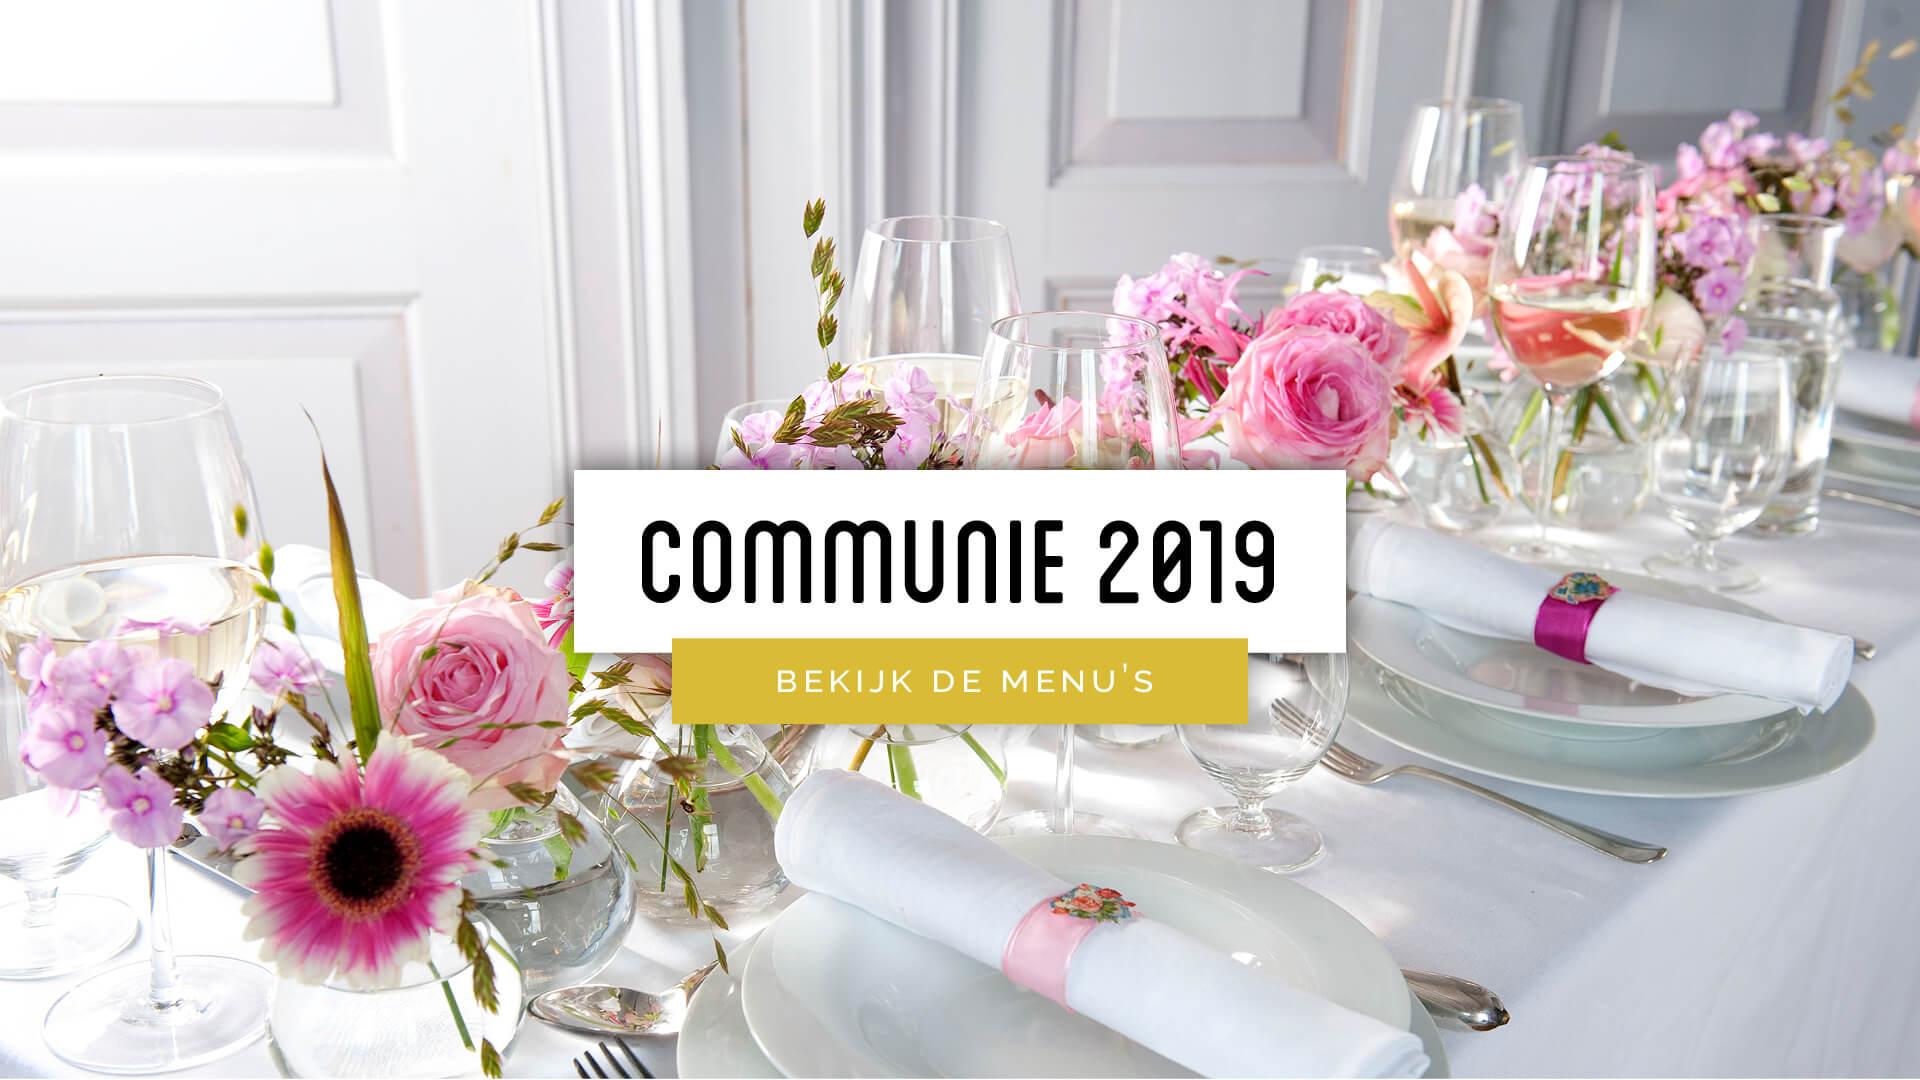 Traiteur Vincent - Communie 2019